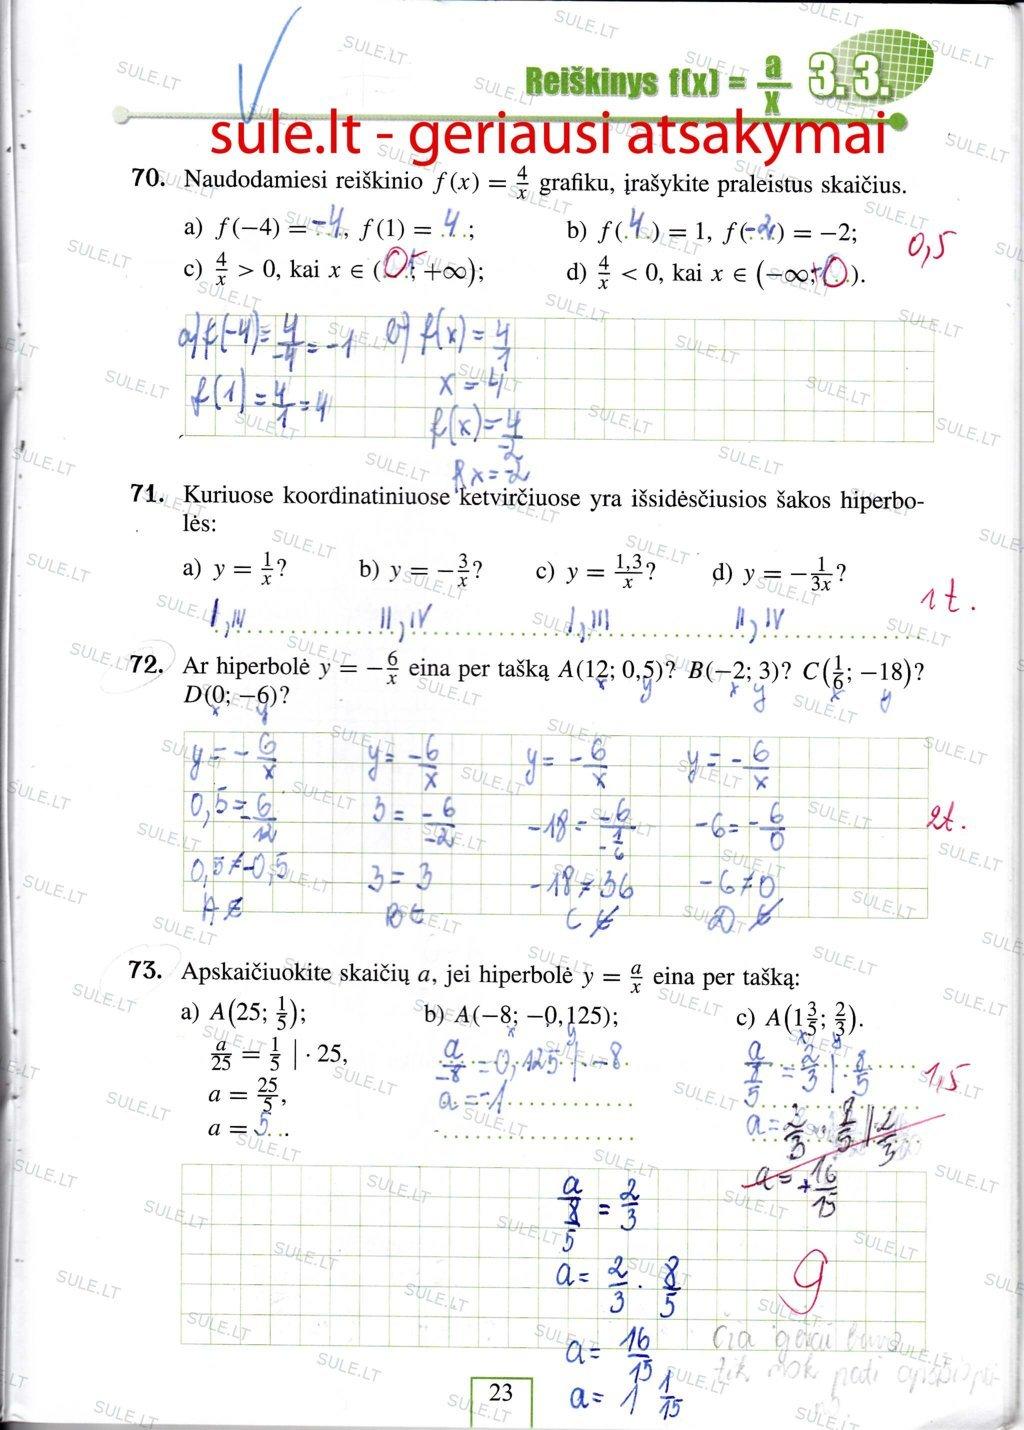 Peržiūrėti puslapį 23